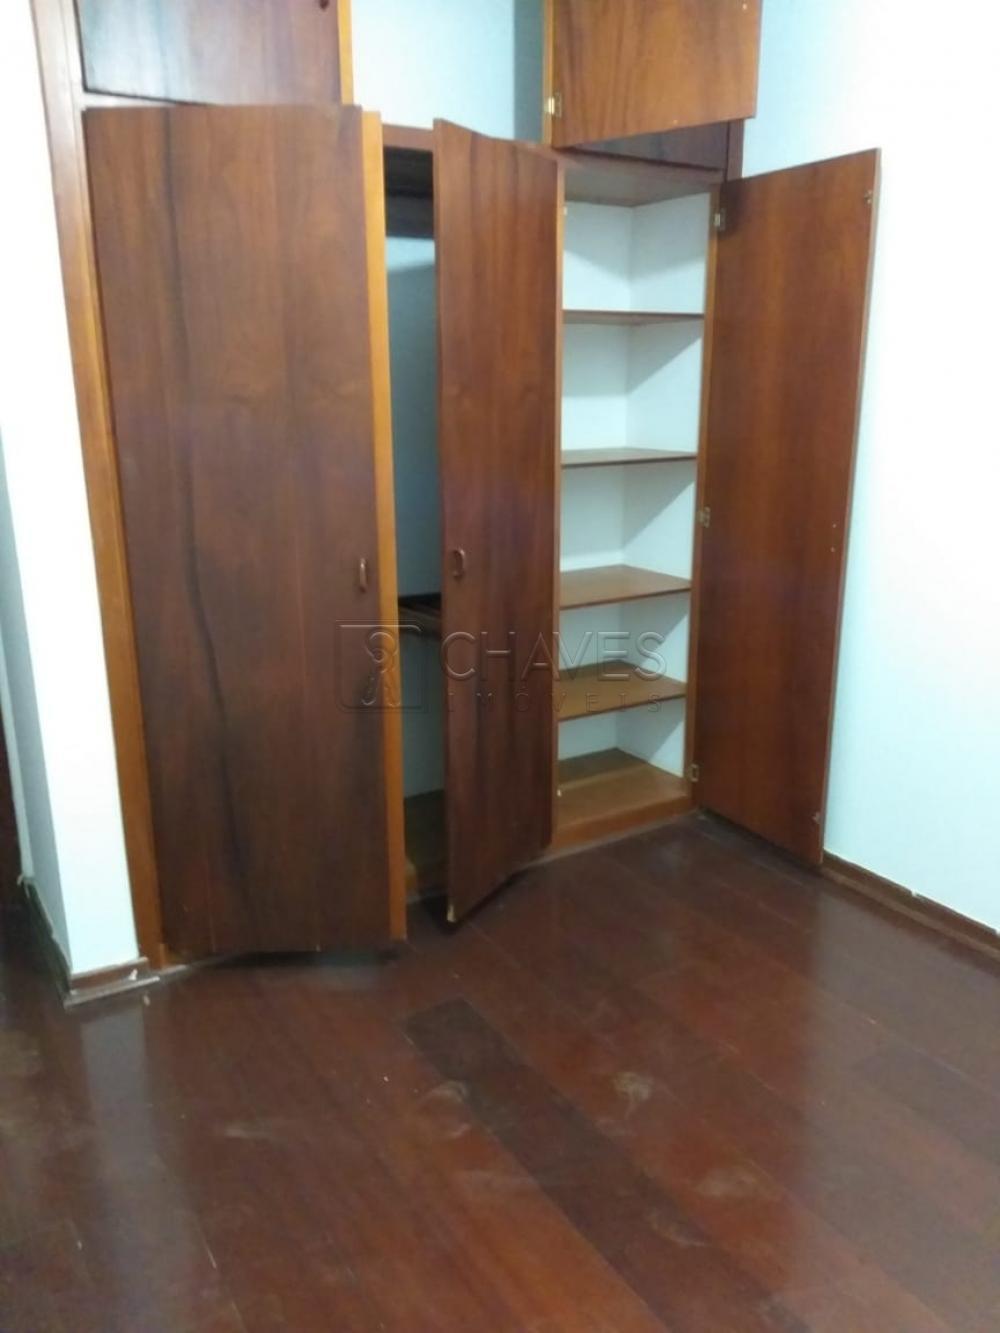 Alugar Apartamento / Padrão em Ribeirão Preto apenas R$ 900,00 - Foto 6